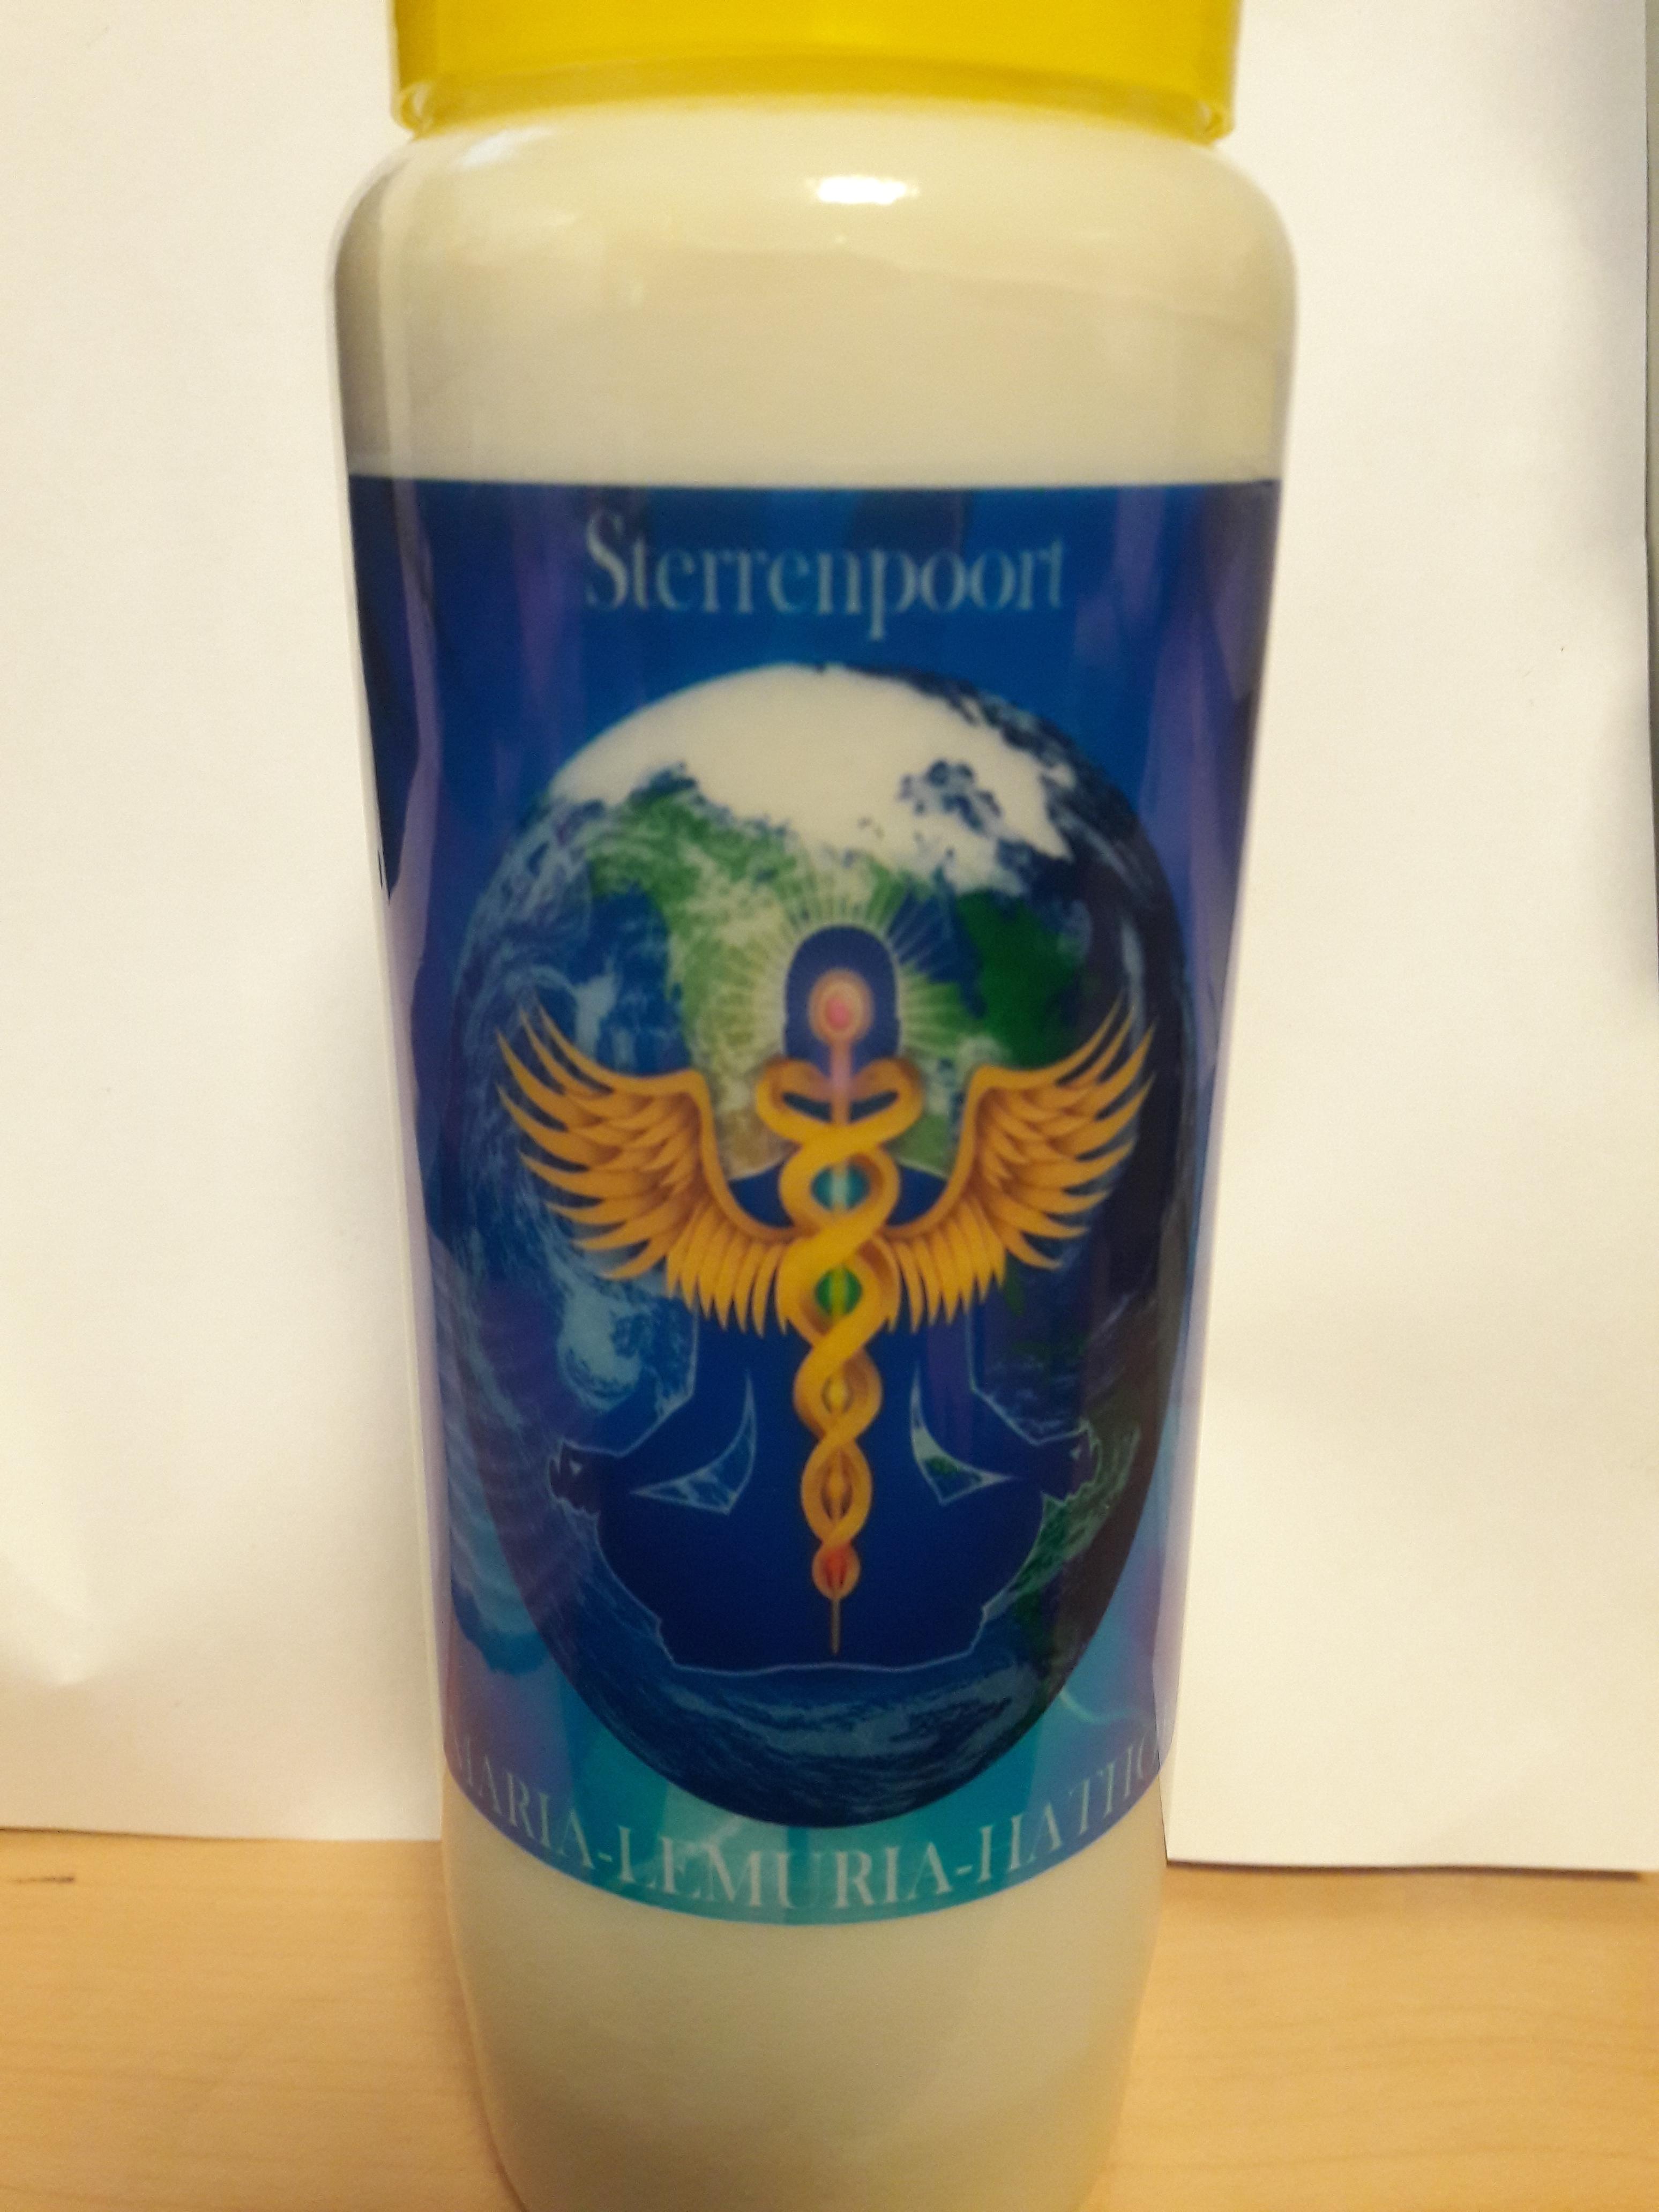 Gewijde Maria-LeMUria-Hathor STERRENPOORT kaarsen